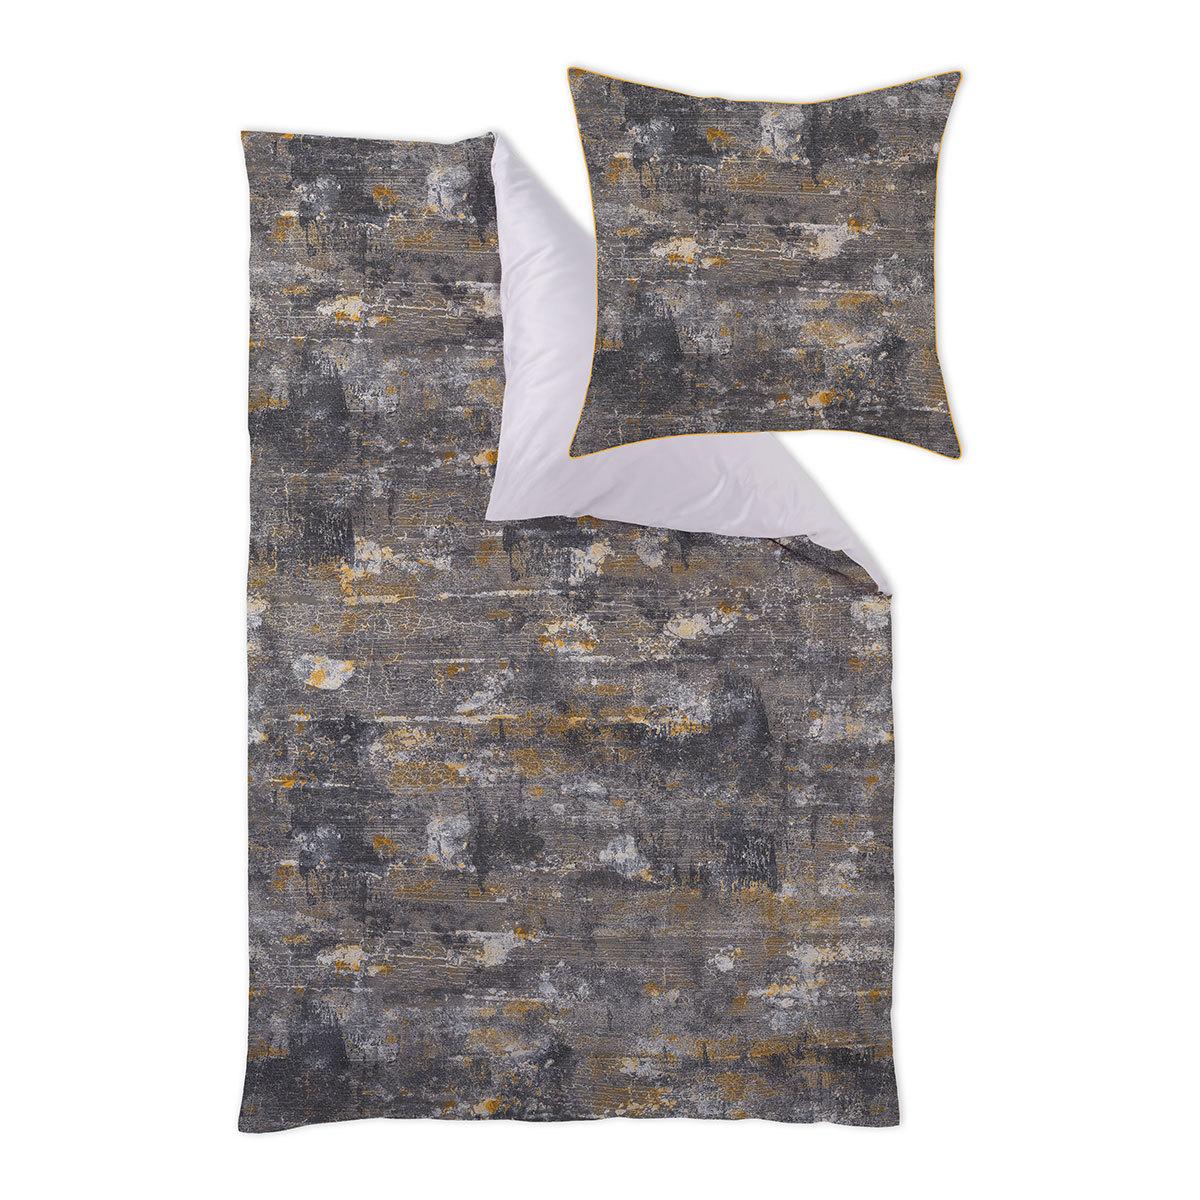 curt bauer mako interlock jersey wendebettw sche luna golden grey g nstig online kaufen bei. Black Bedroom Furniture Sets. Home Design Ideas